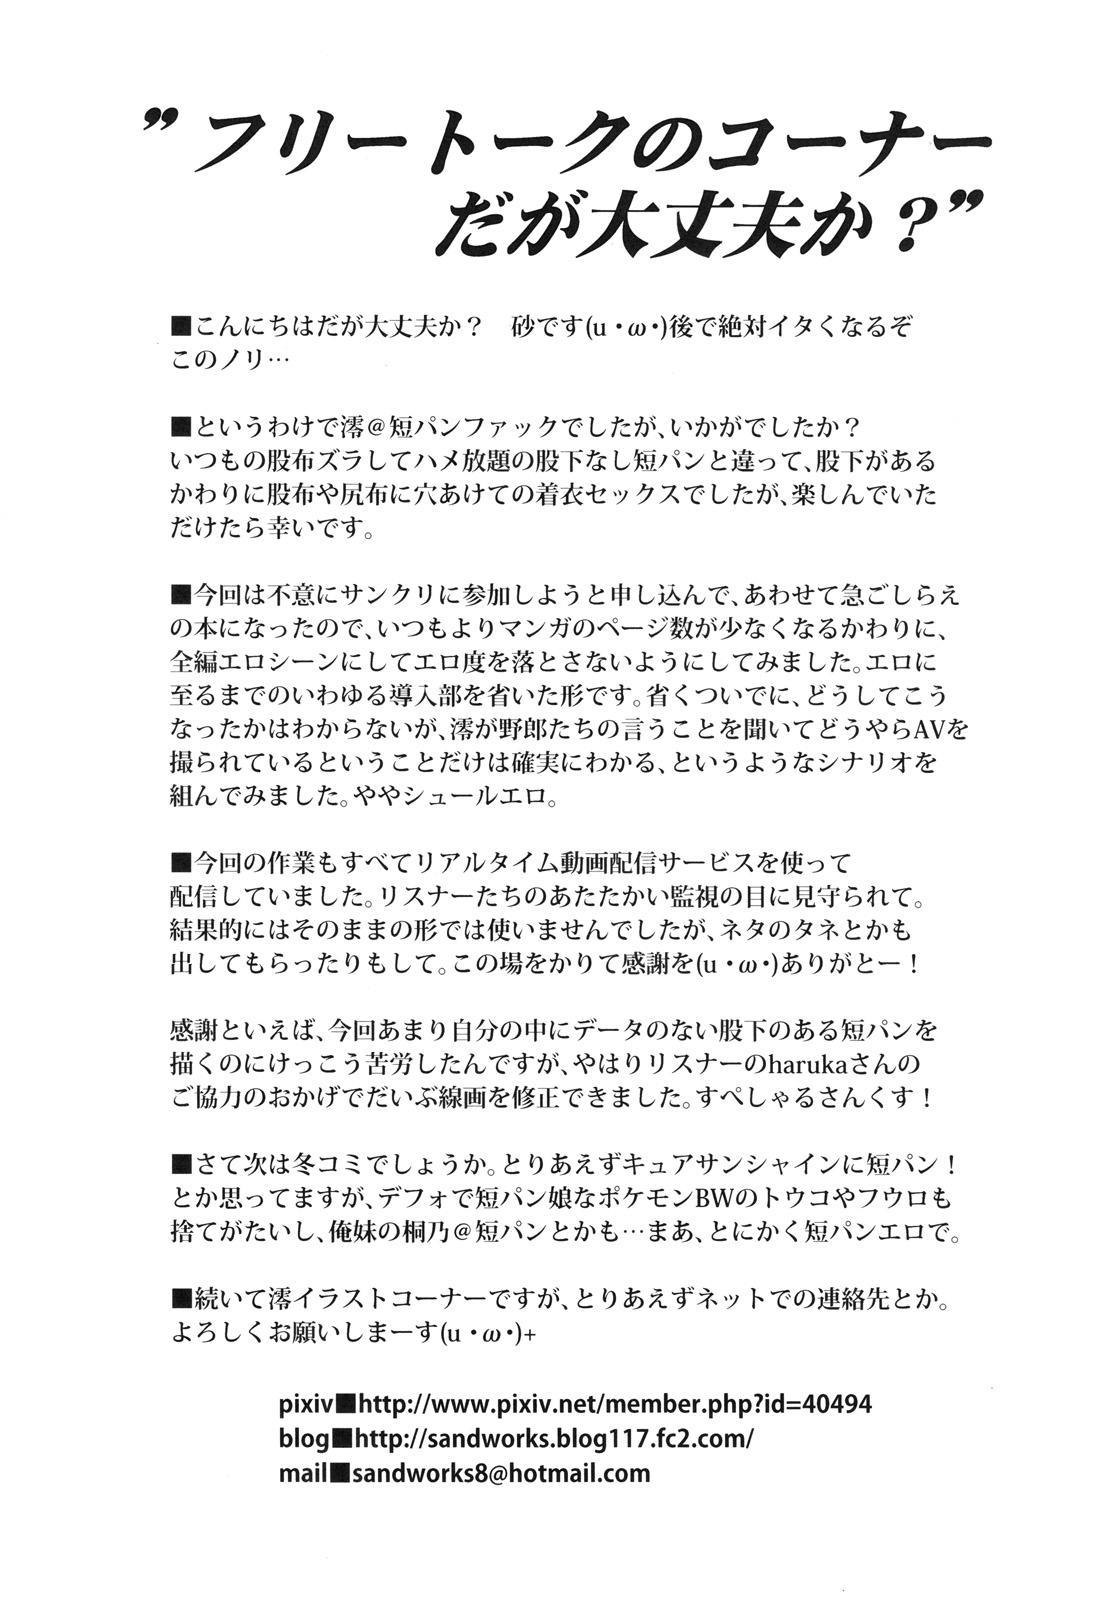 【REC!!】 15